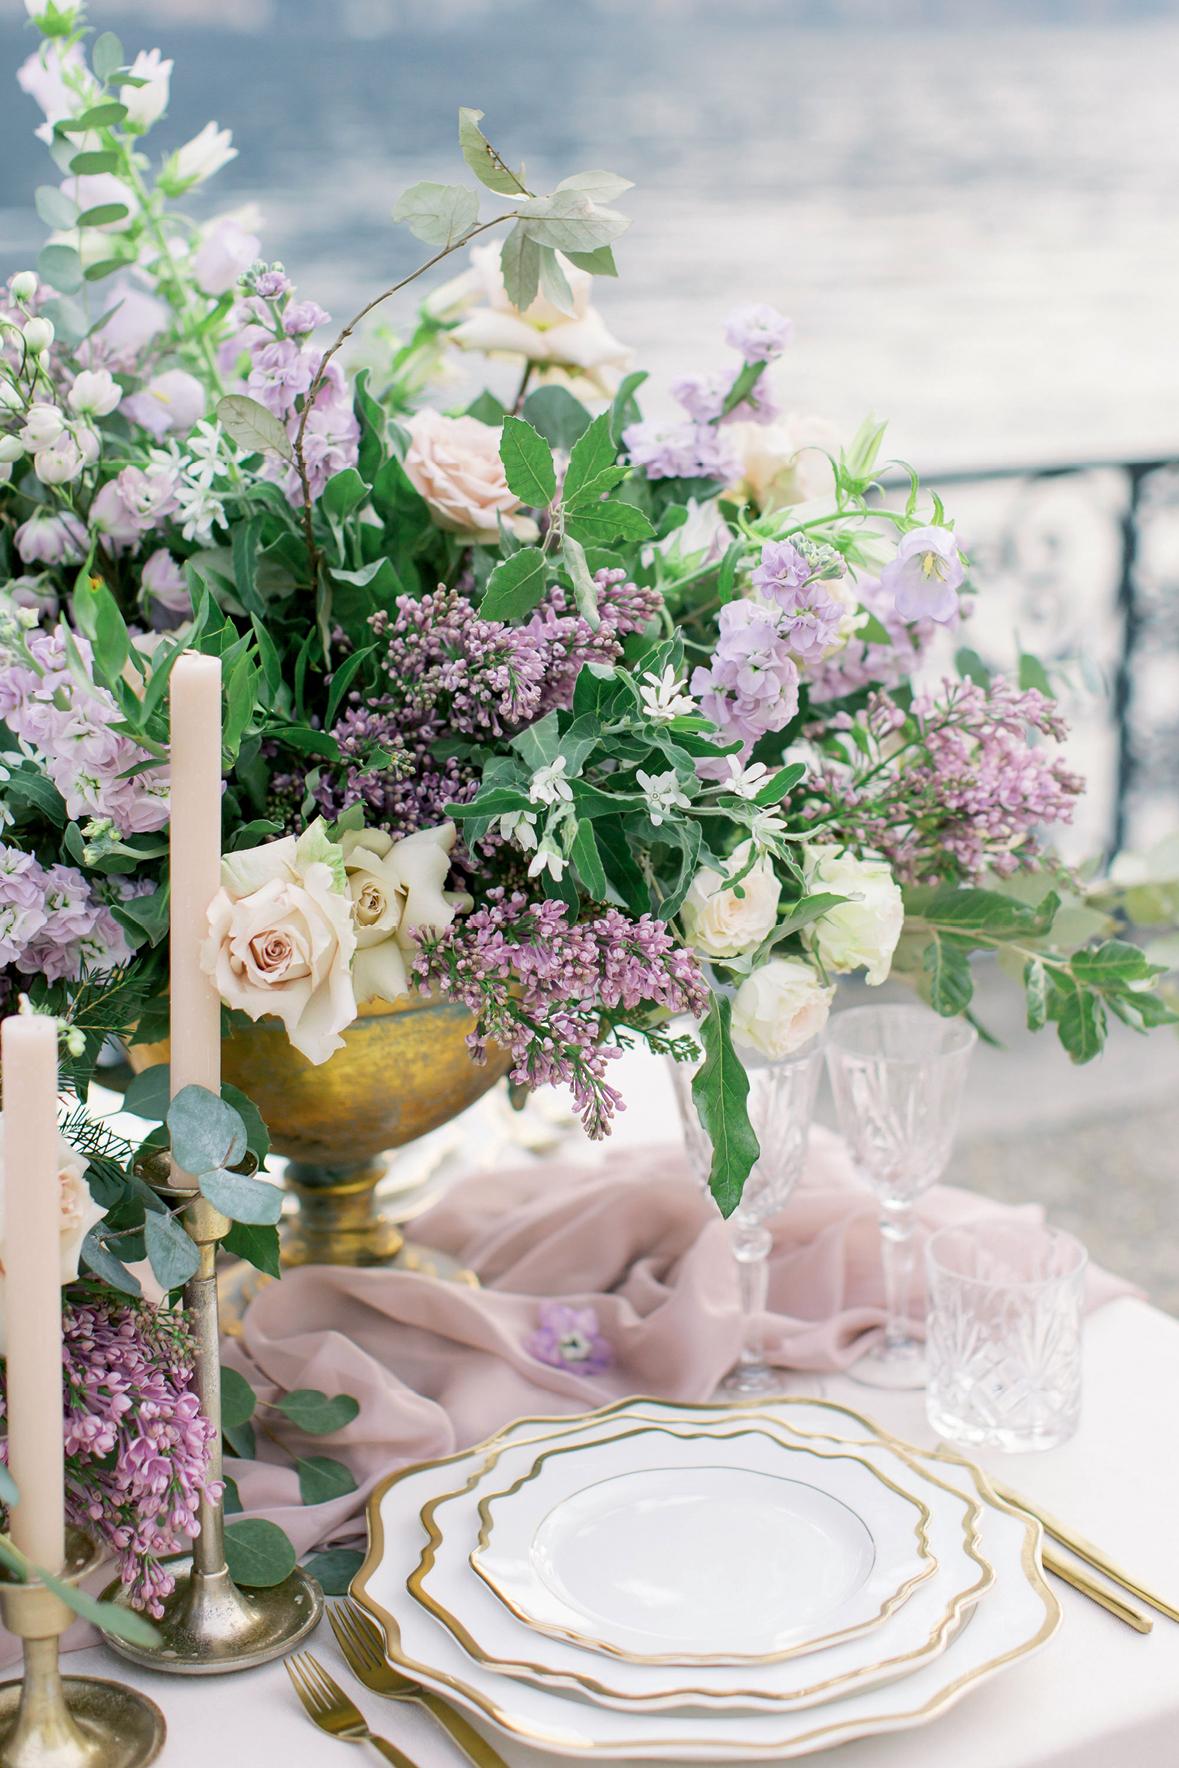 Detalhe da mesa de festa com panos lilás, velas e flores brancas e lilás